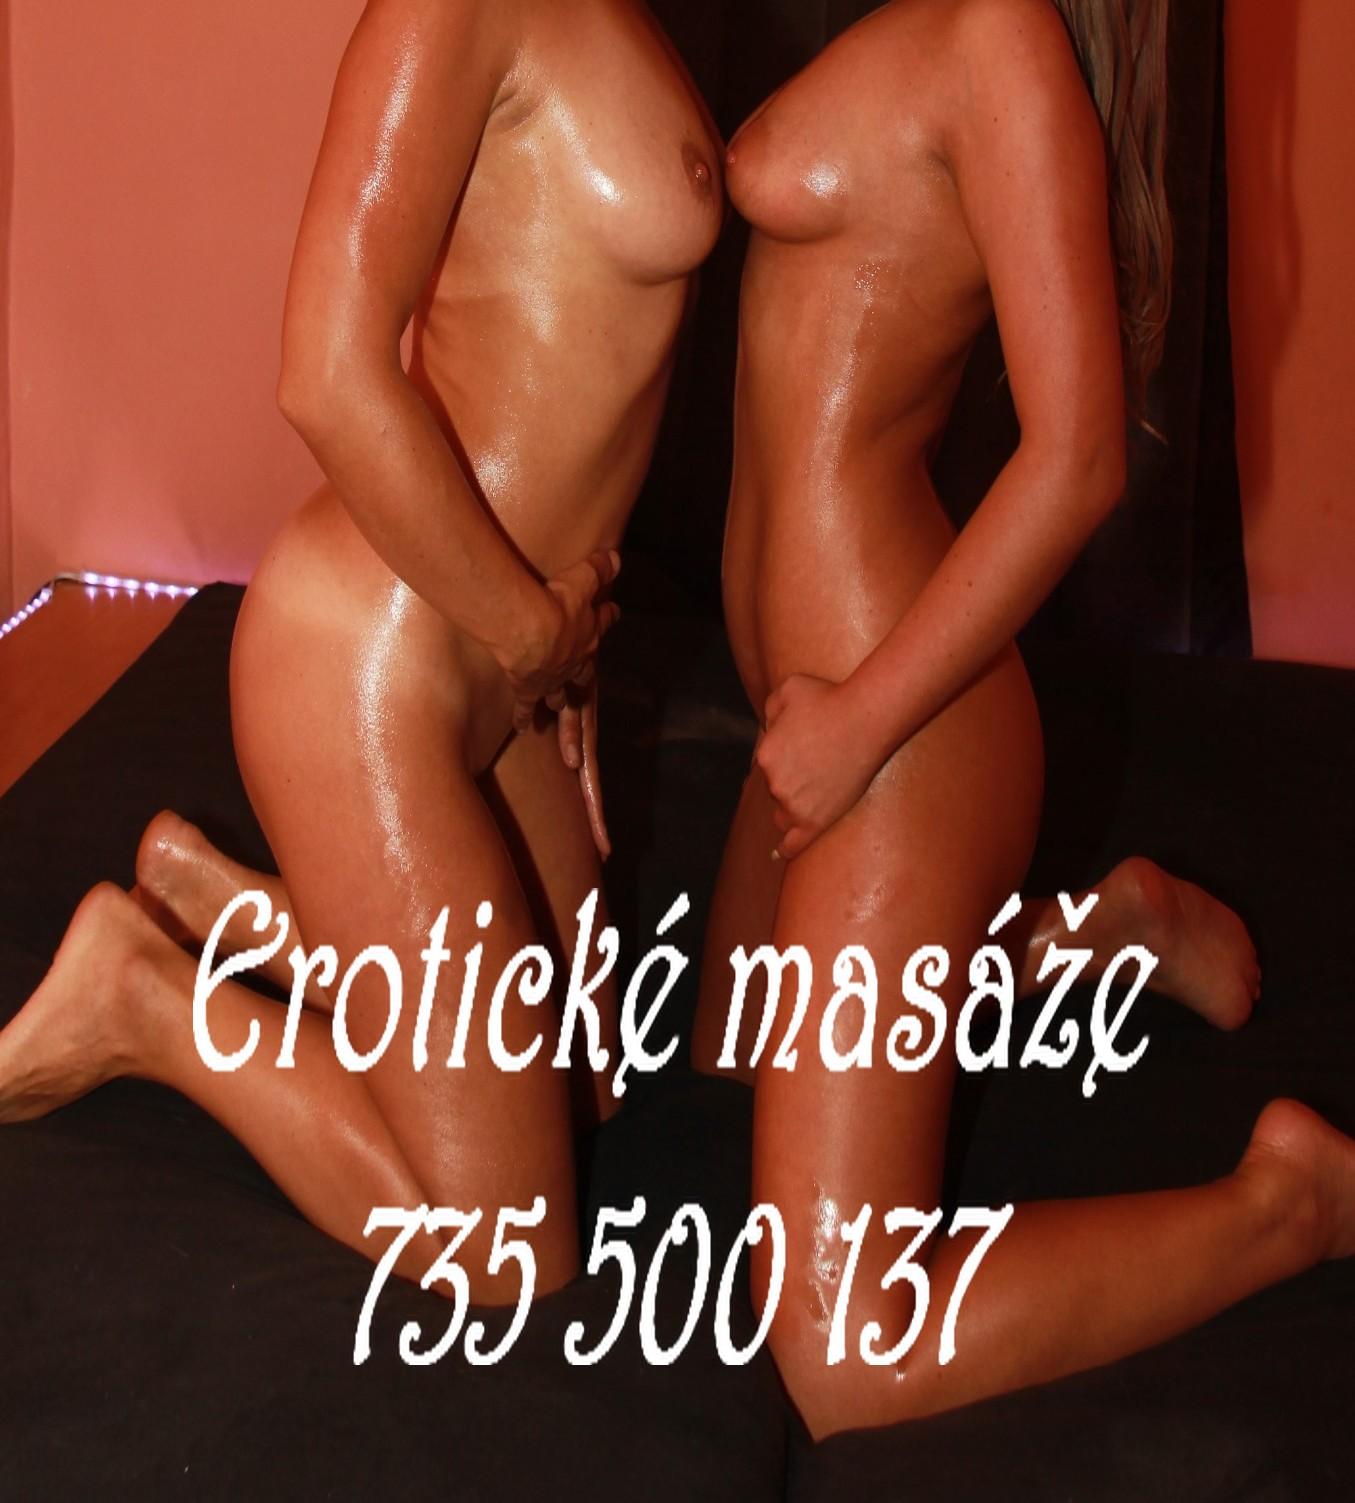 Nejlepší masáž v Brně